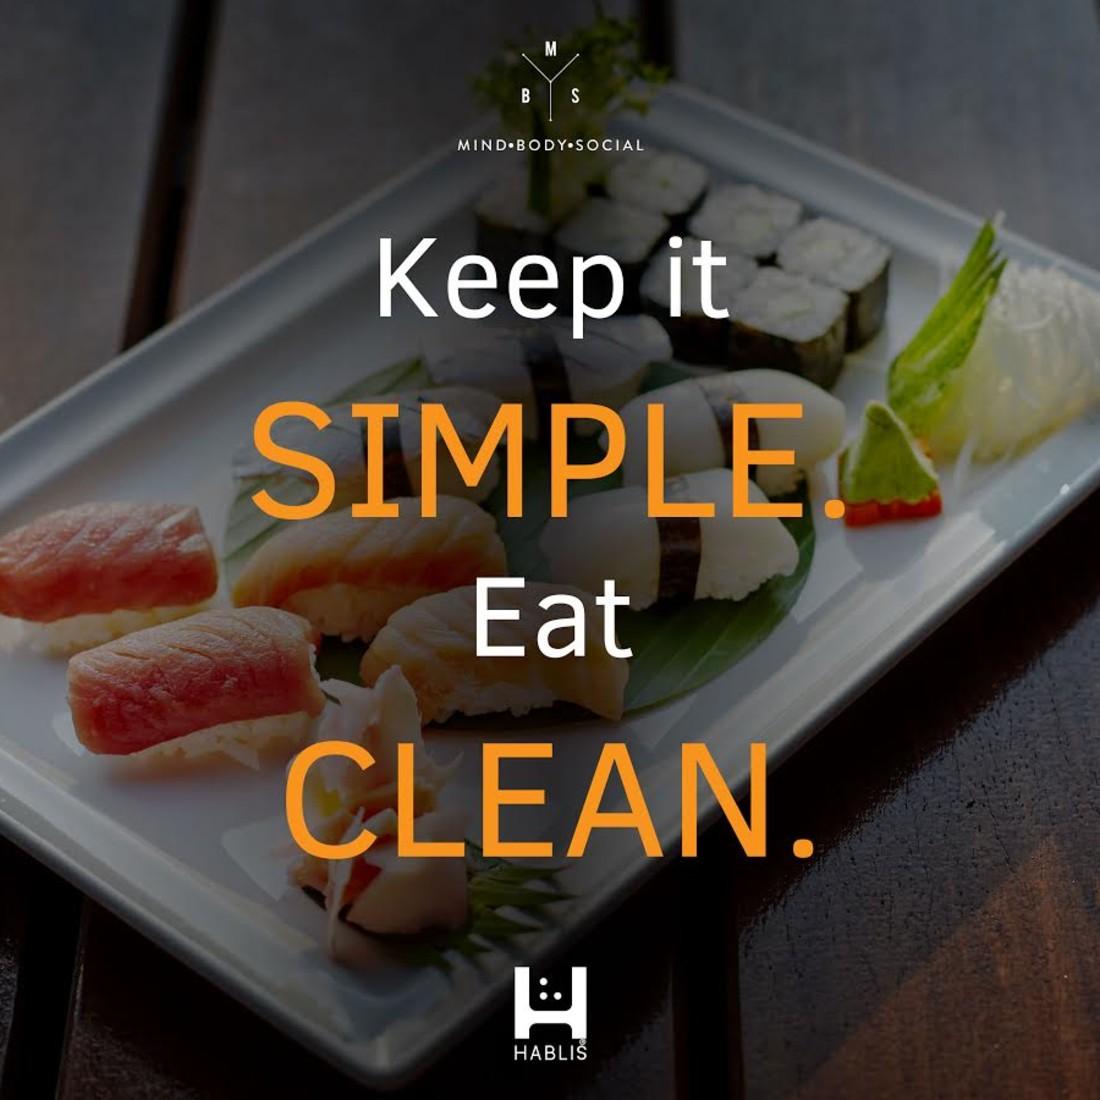 Hablis Hotel Chennai Chennai eat-clean Hablis Hotel Chennai